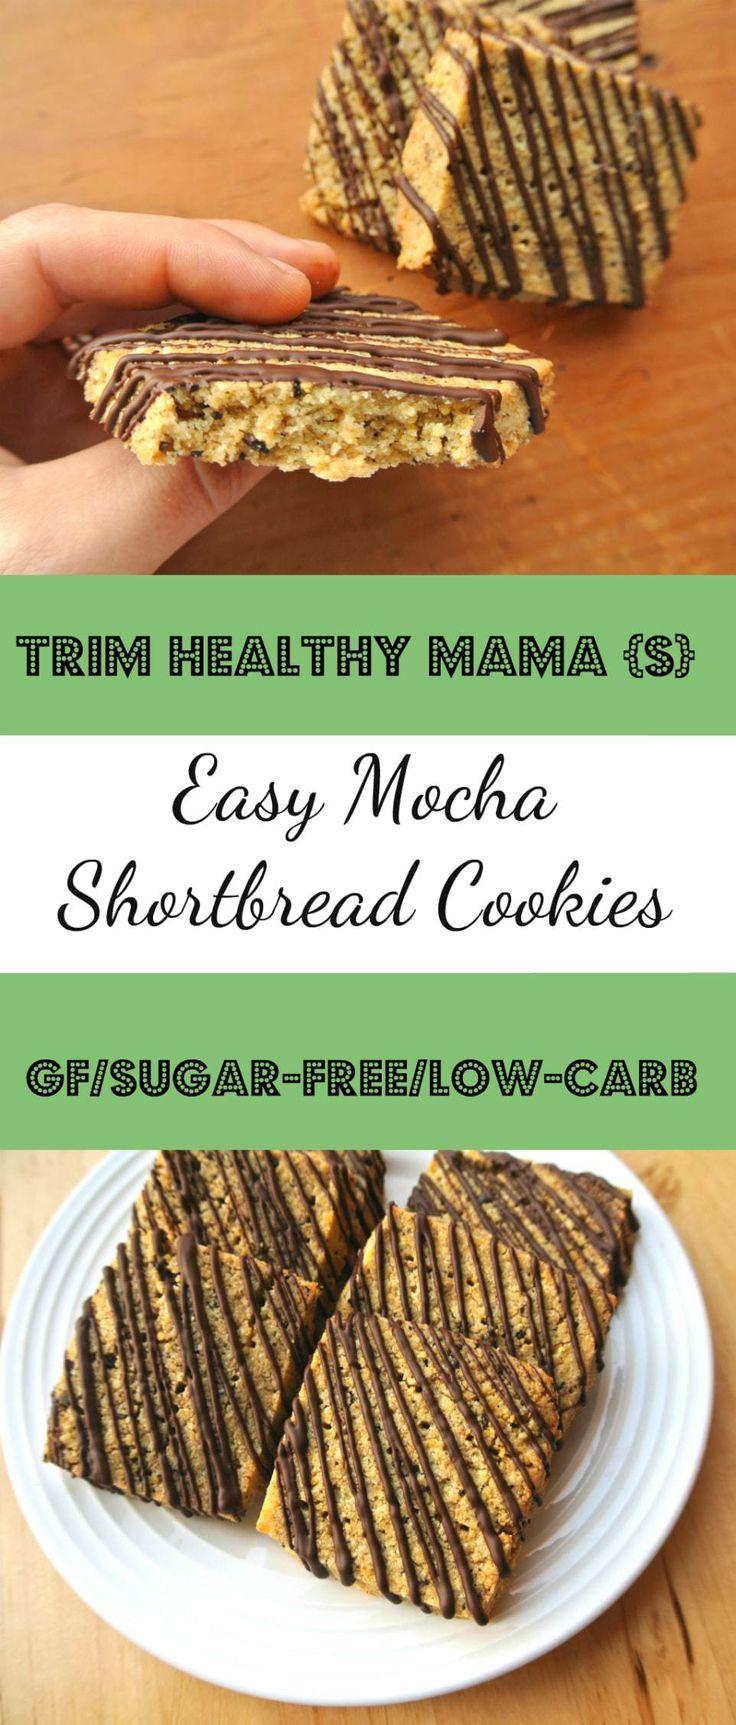 Trim Healthy Mama S Easy Mocha Shortbread Cookies